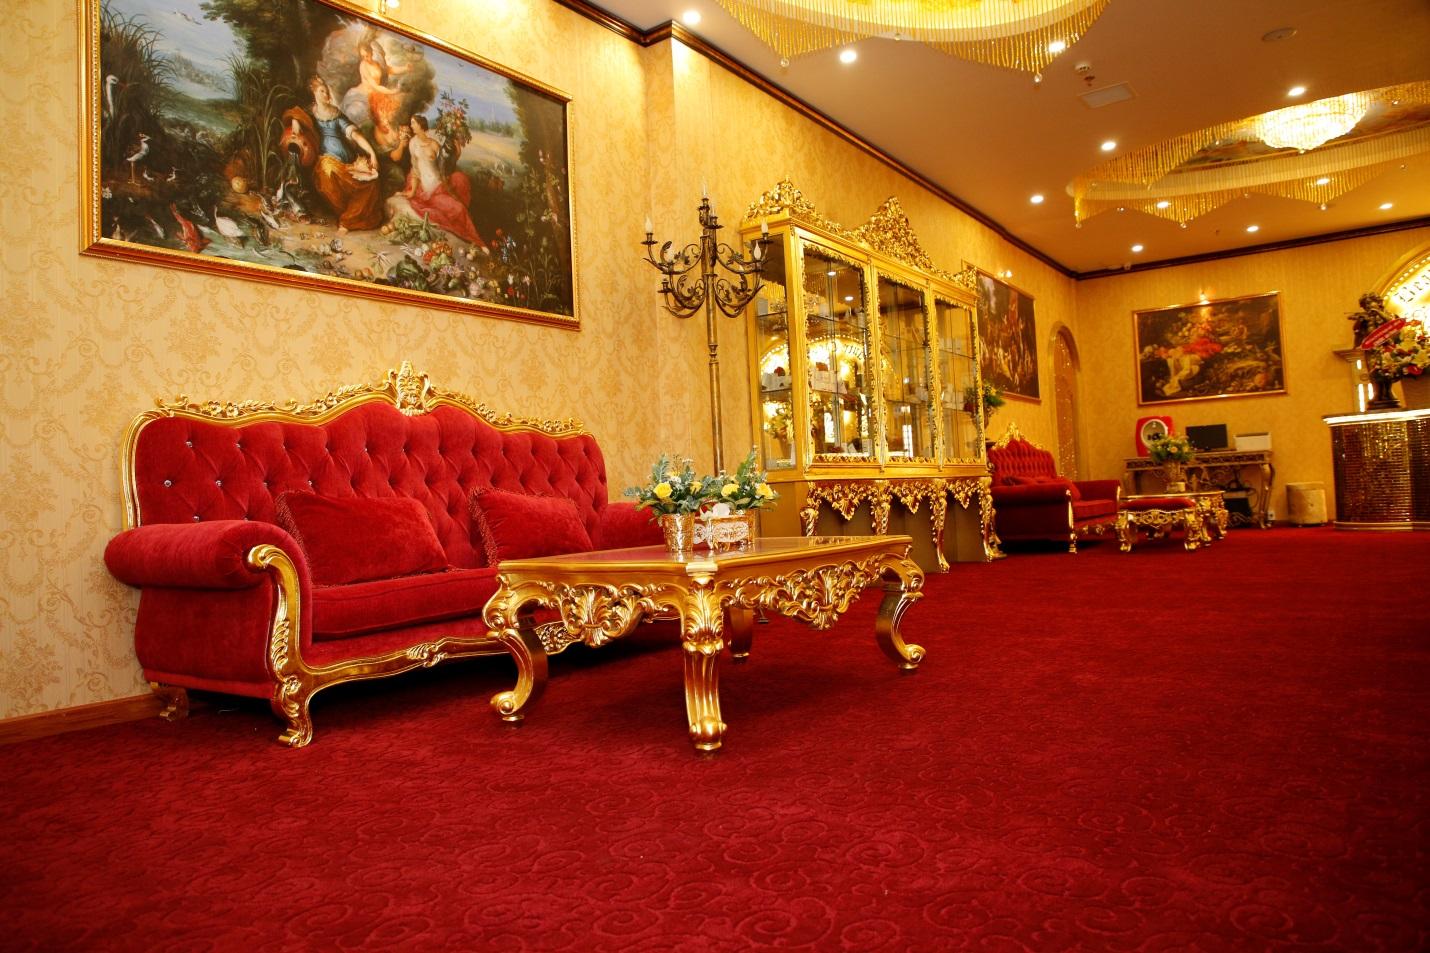 Khách sạn Ladalat chính thức được công nhận là khách sạn 5 sao - Ảnh 7.